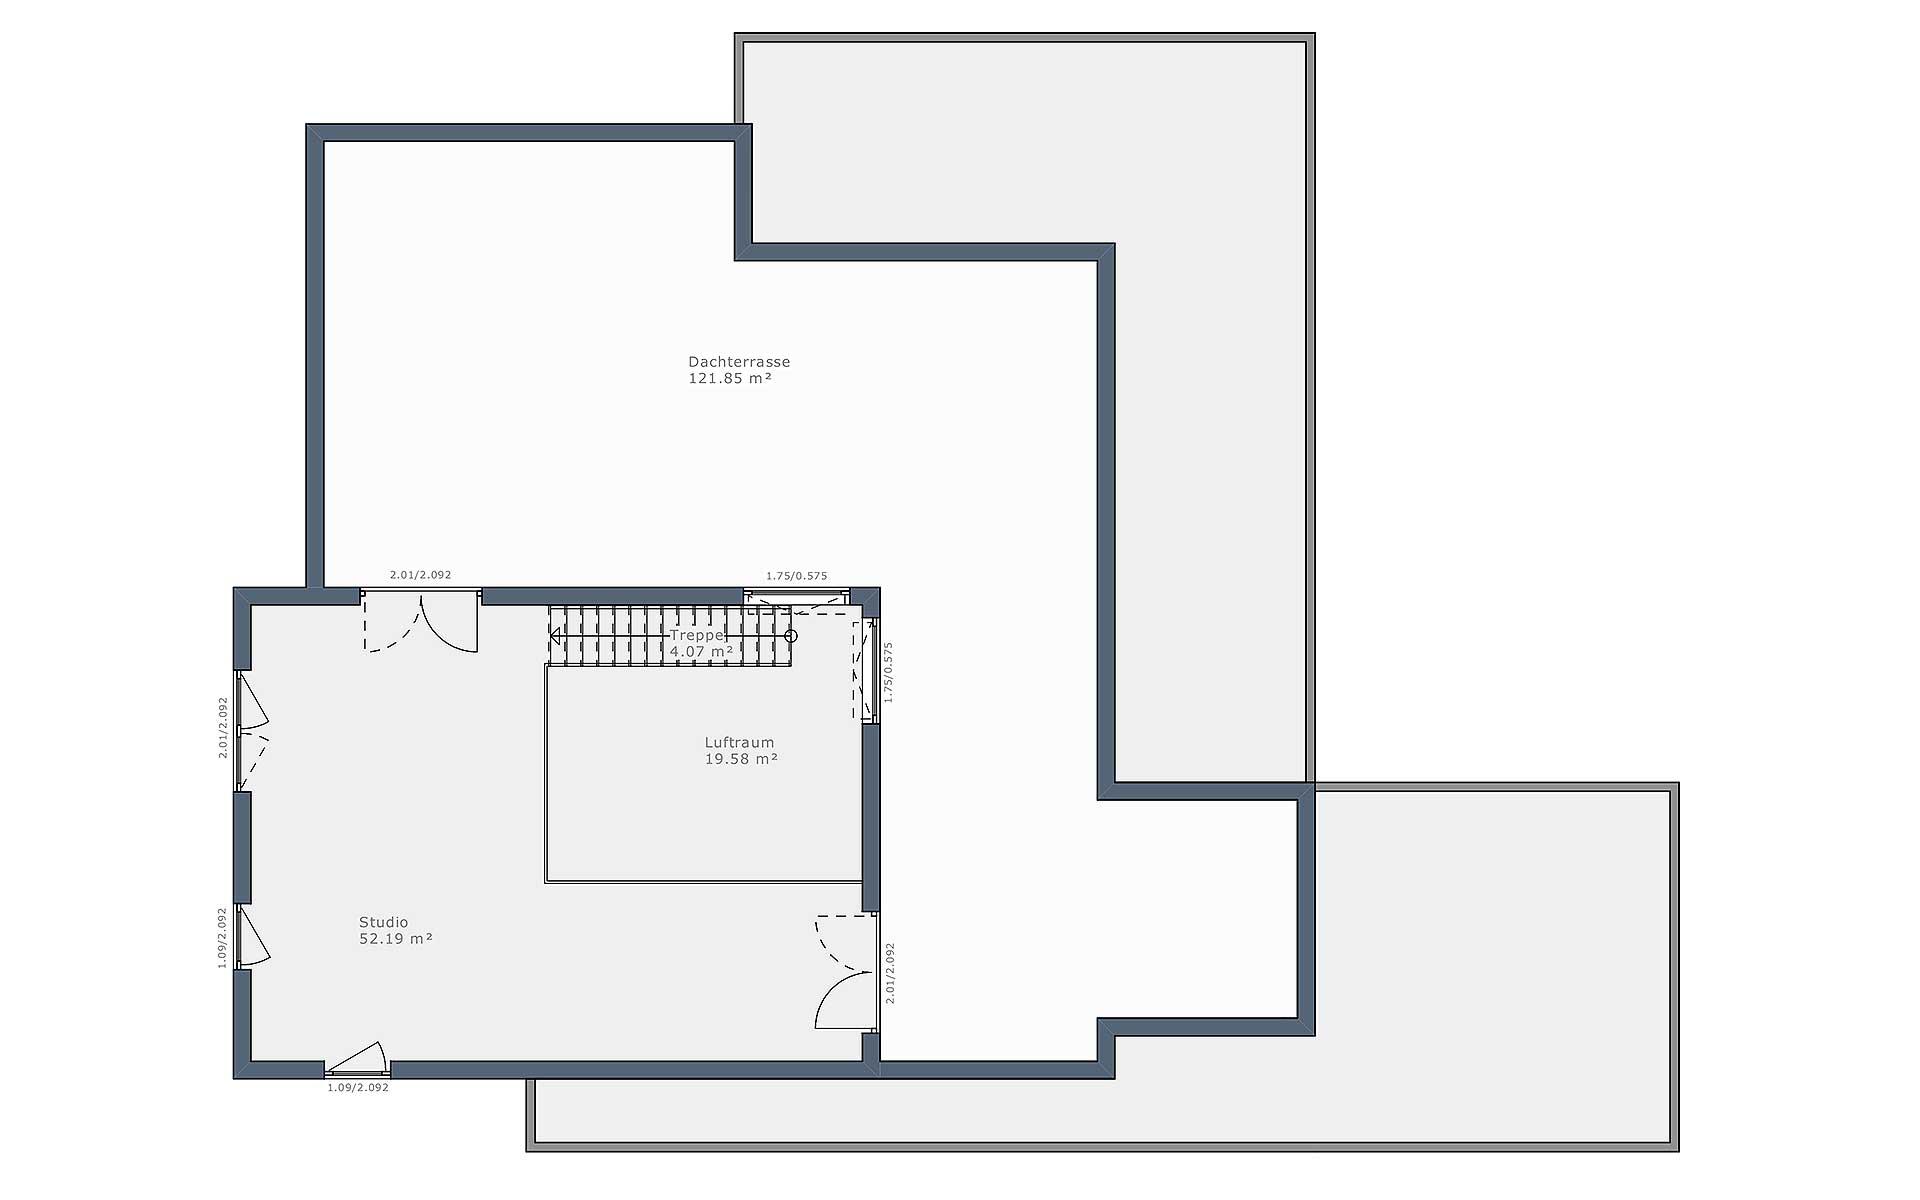 Obergeschoss Solitaire-B-150 E5 von Schwabenhaus GmbH & Co. KG